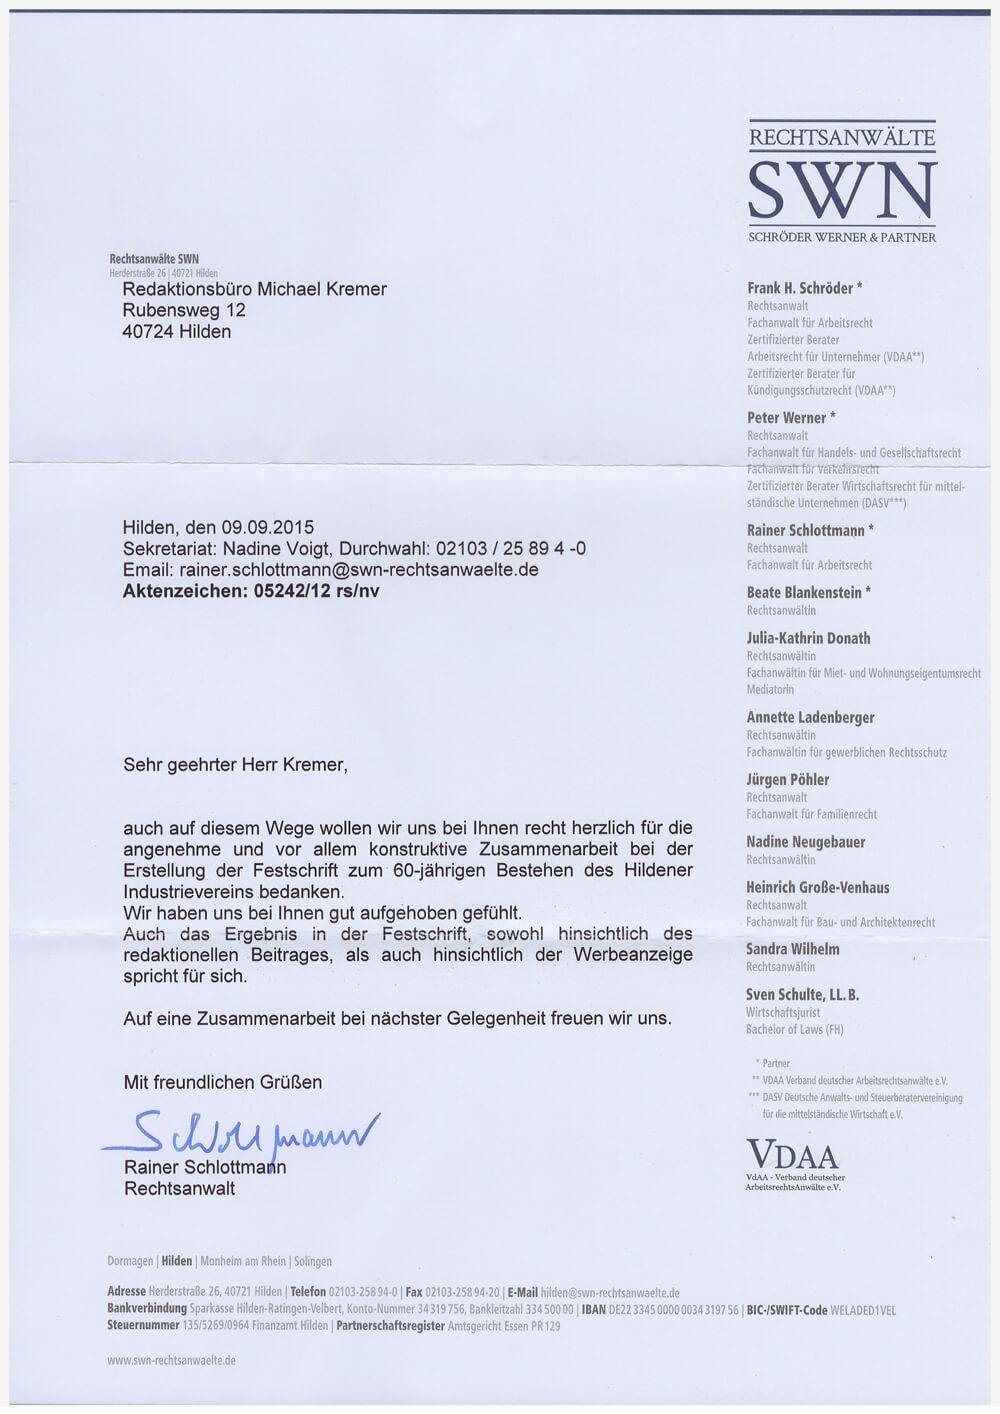 Anwaltskanzlei Schröder Werner & Partner